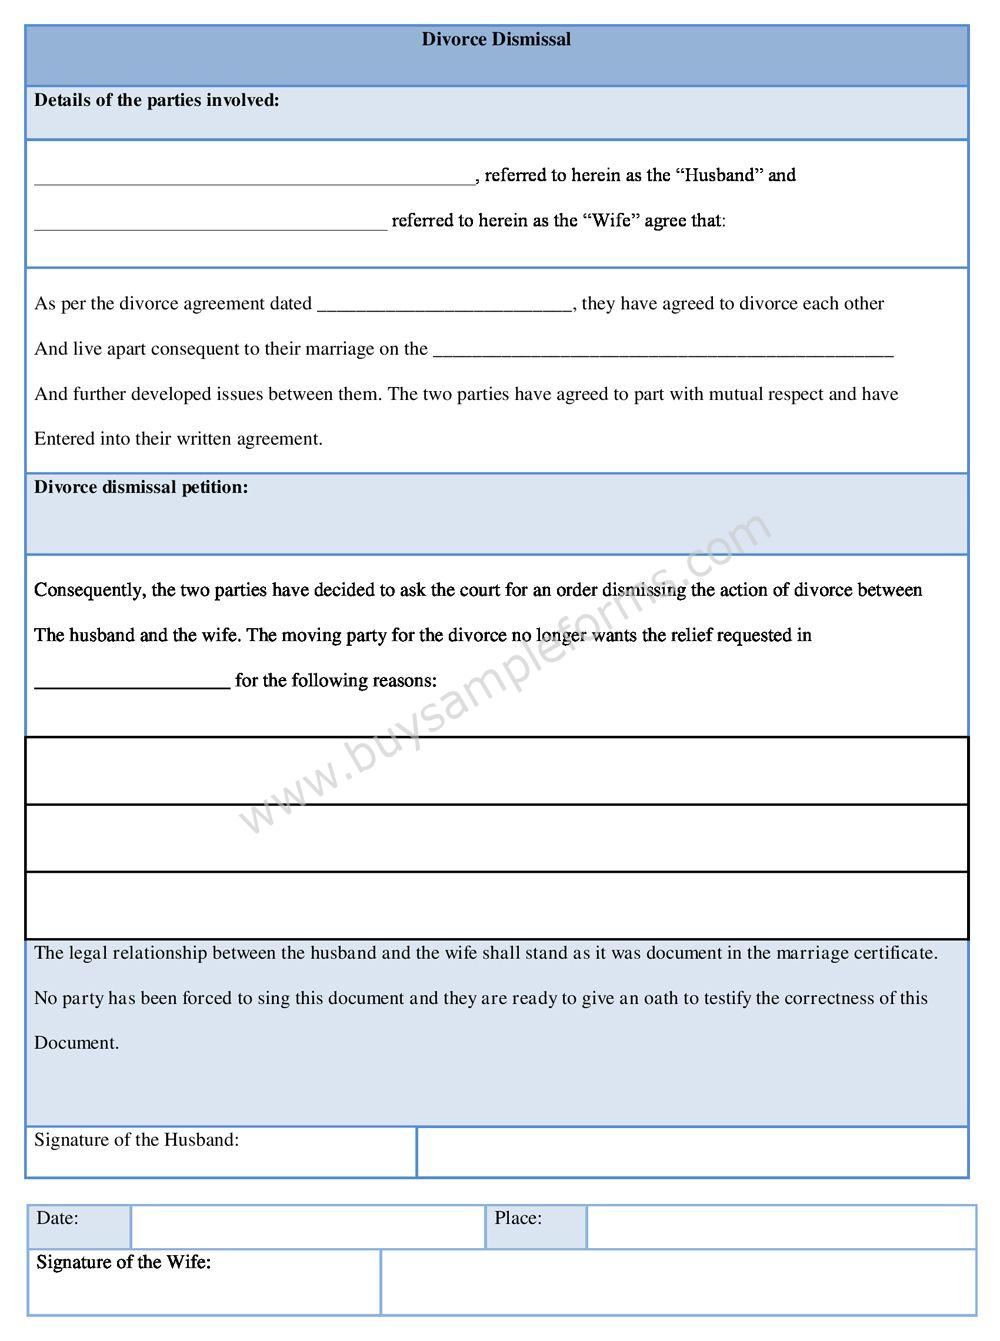 Download Divorce Dismissal Form Template, Divorce Dismissal Form Template Word Format